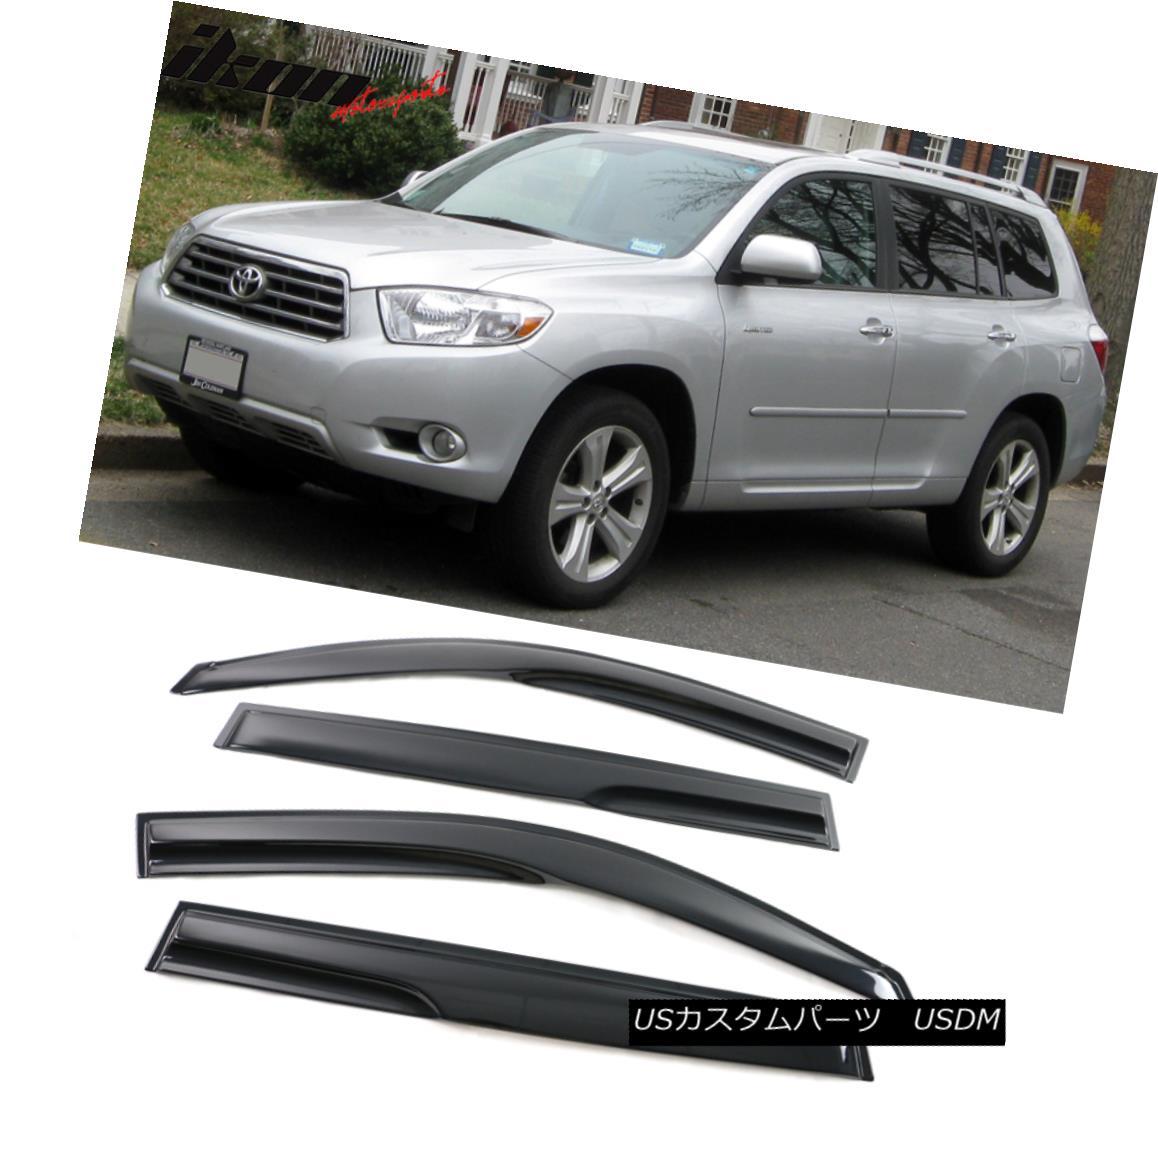 エアロパーツ Fits 08-13 Toyota Highlander Mugen Style Acrylic Window Visors 4Pc Set フィギュア08-13トヨタハイランダームゲンスタイルのアクリル窓バイザー4個セット